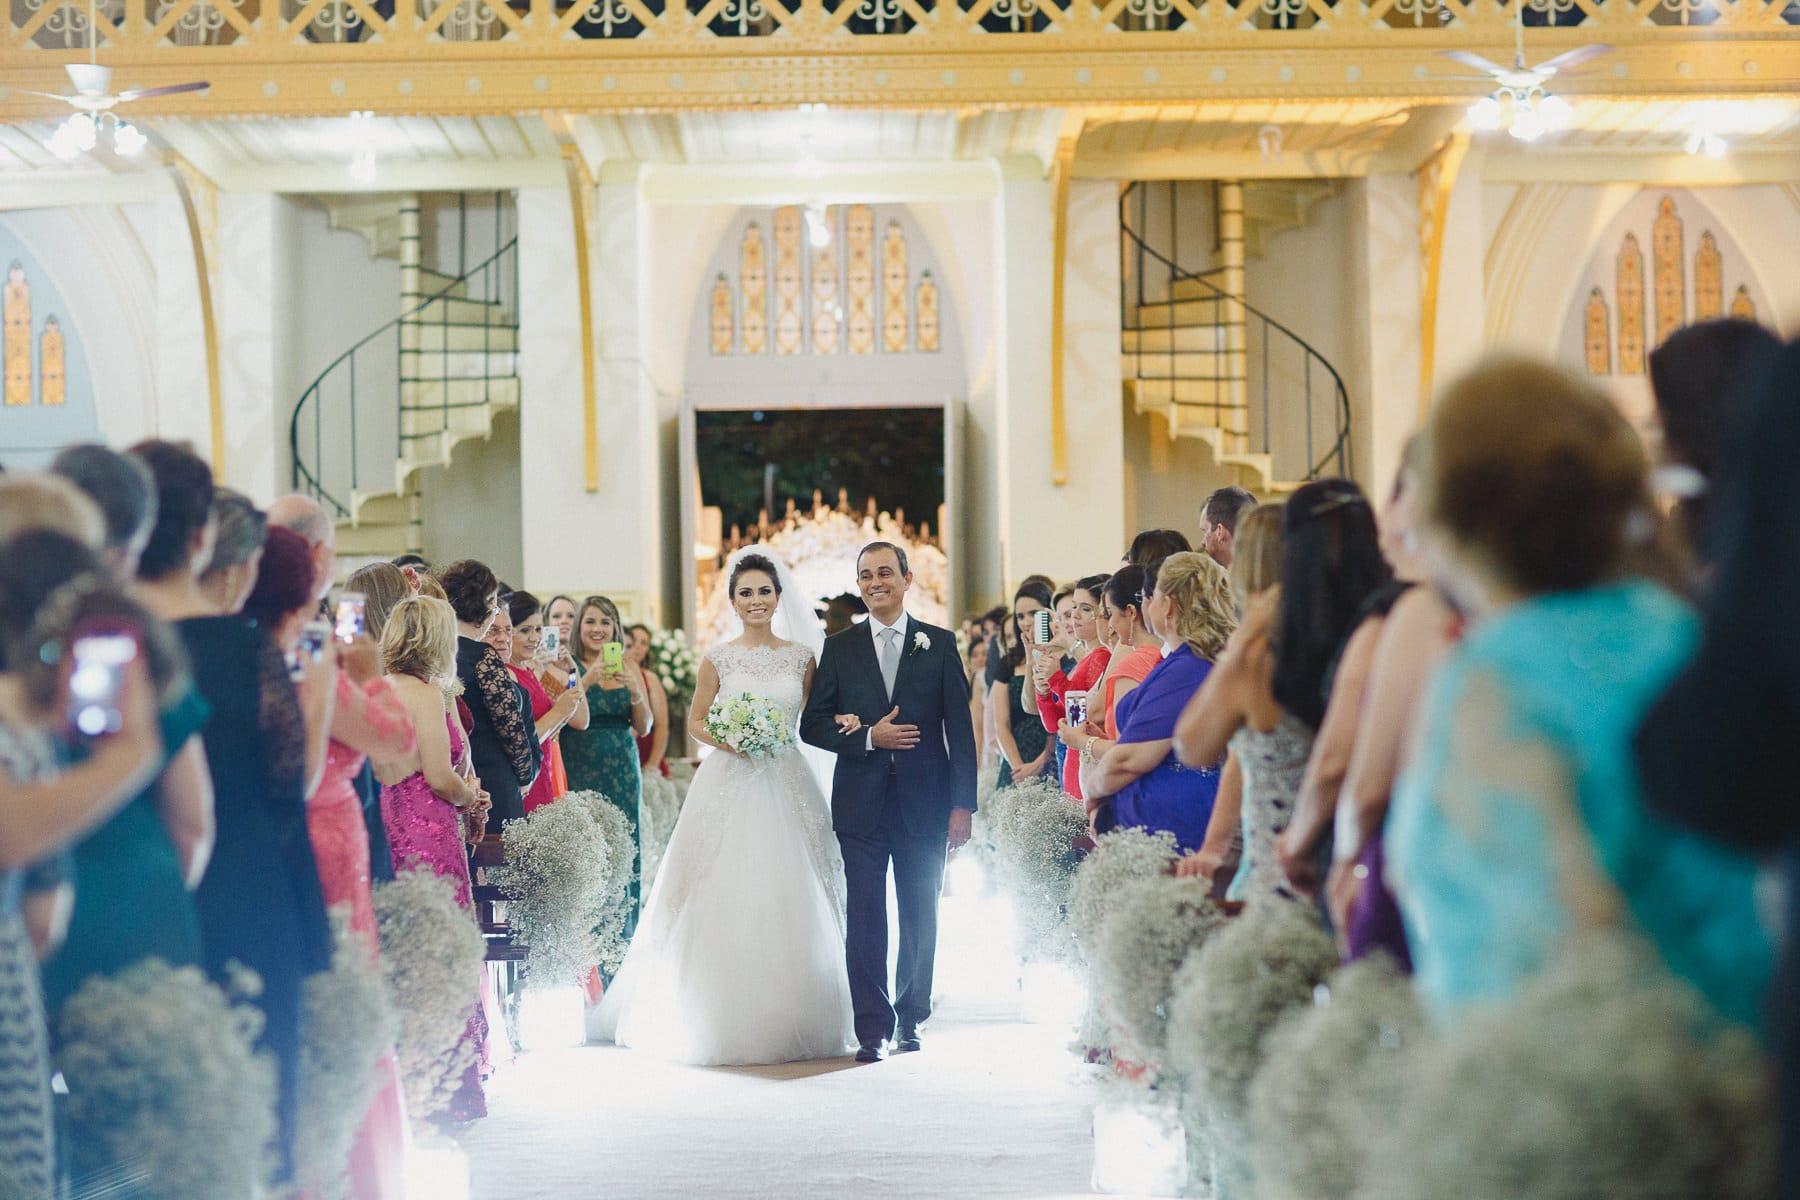 casamento-igreja-do-pequeno-grande-21